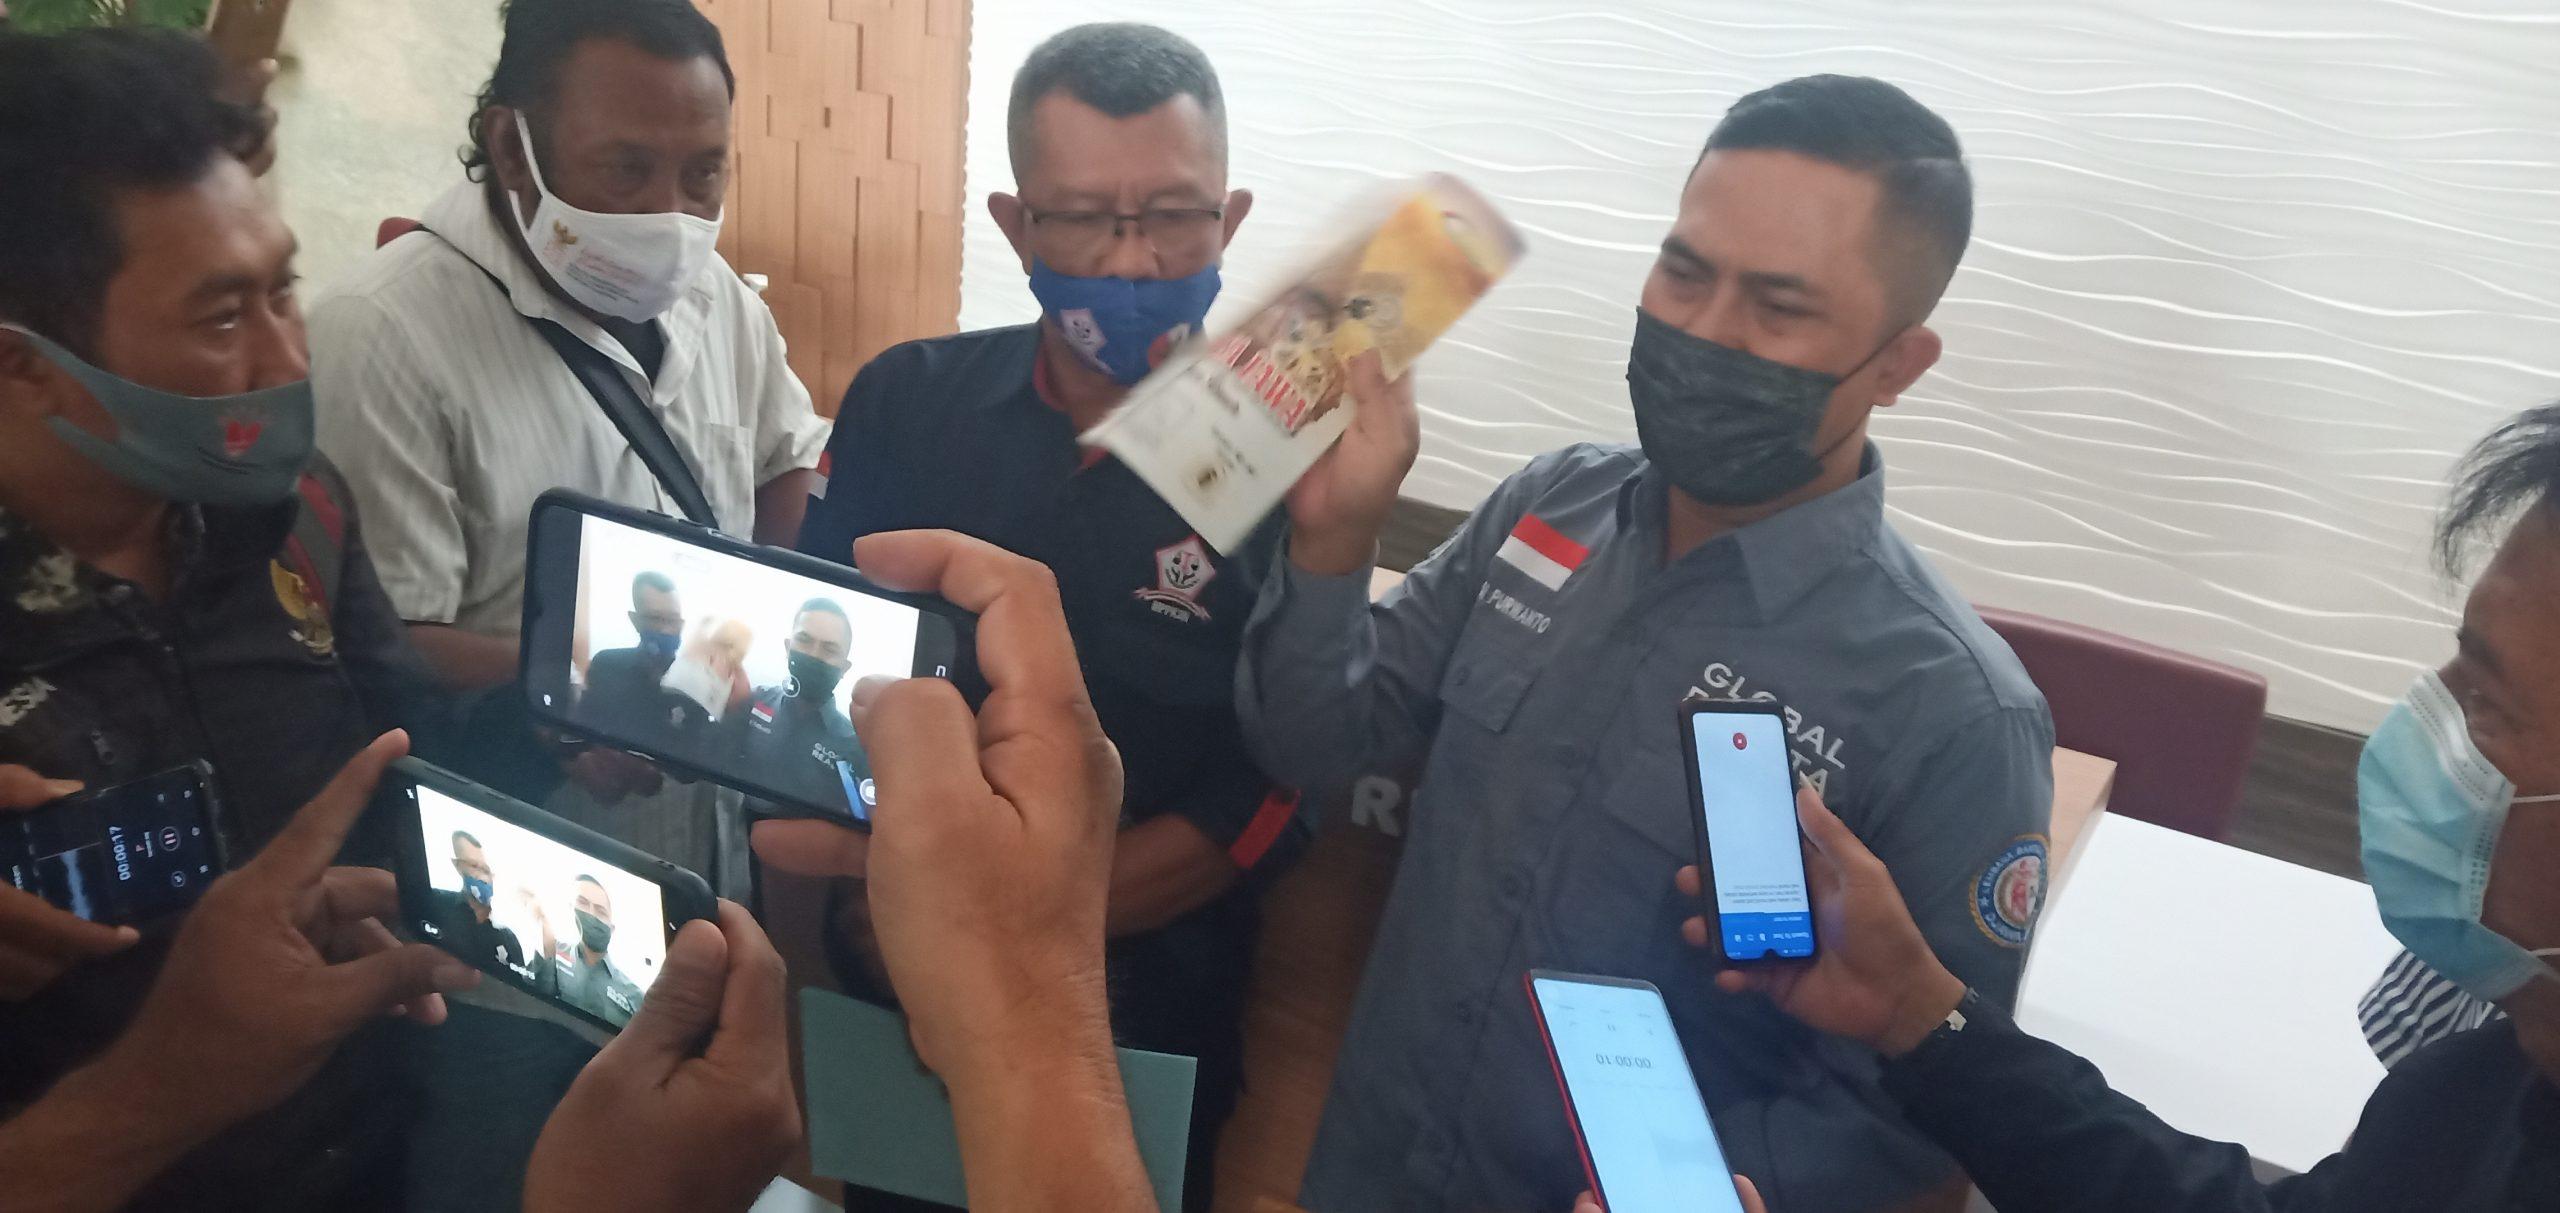 Nyambi Jual Beli LKS, Anggota DPRD Mojokerto Dilaporkan